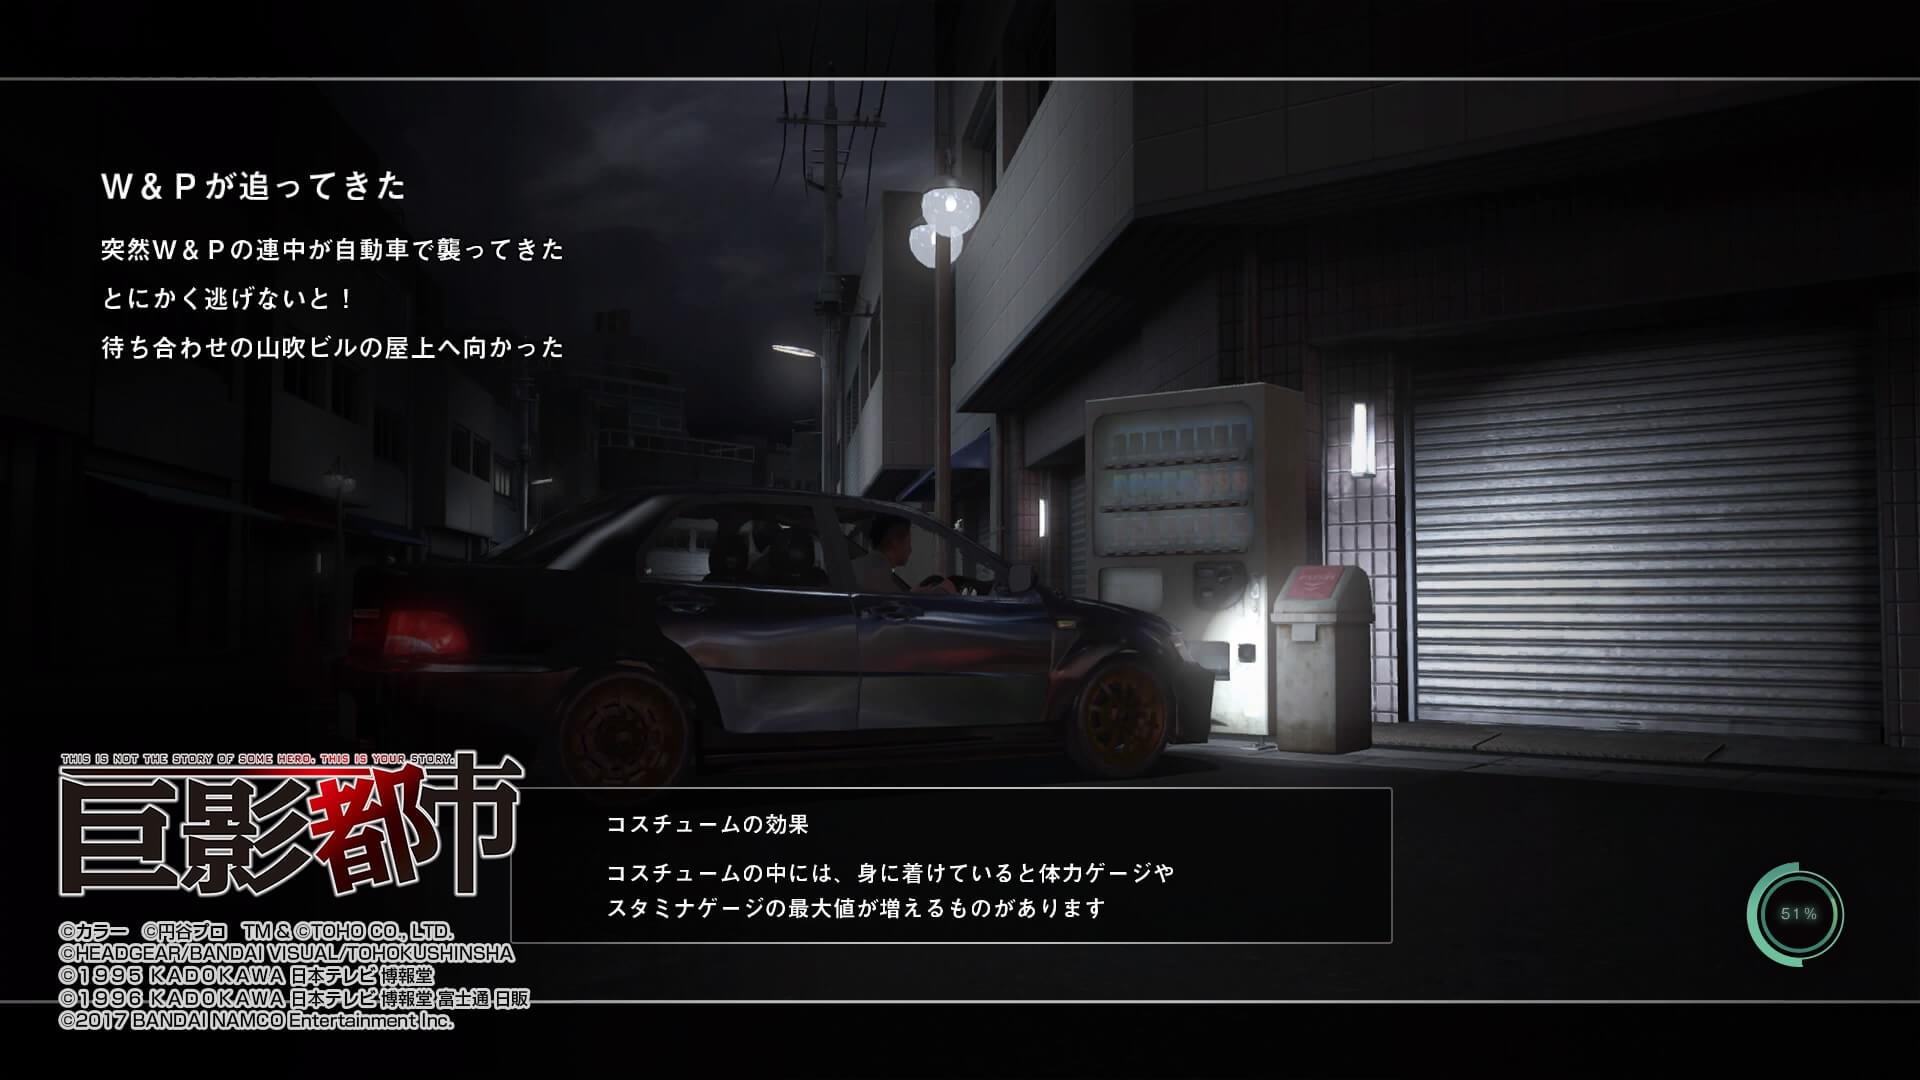 【巨影都市】ステージ15の武藤と柴田の乗った車を避けて逃げる方法